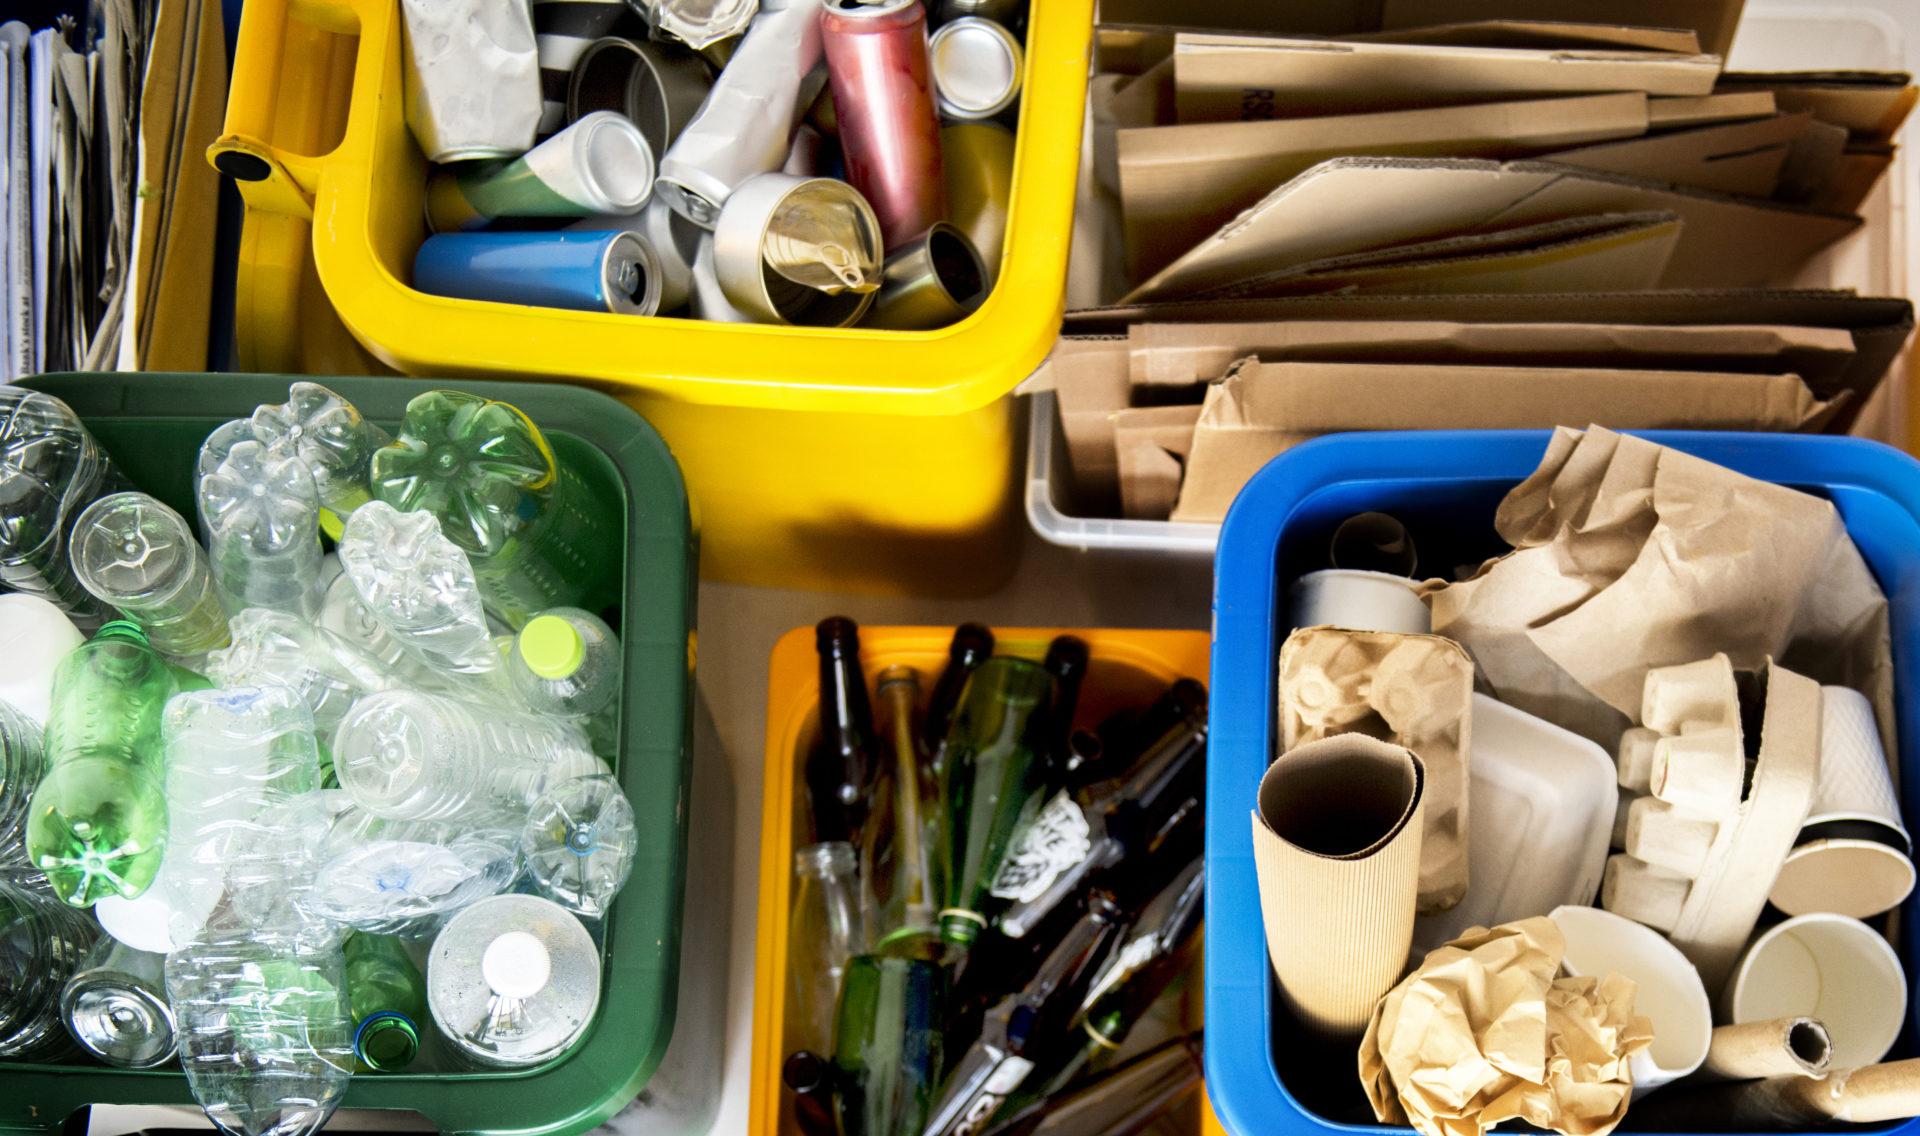 Destacar la importancia de reciclar es clave para la sostenibilidad y la protección del medio ambiente